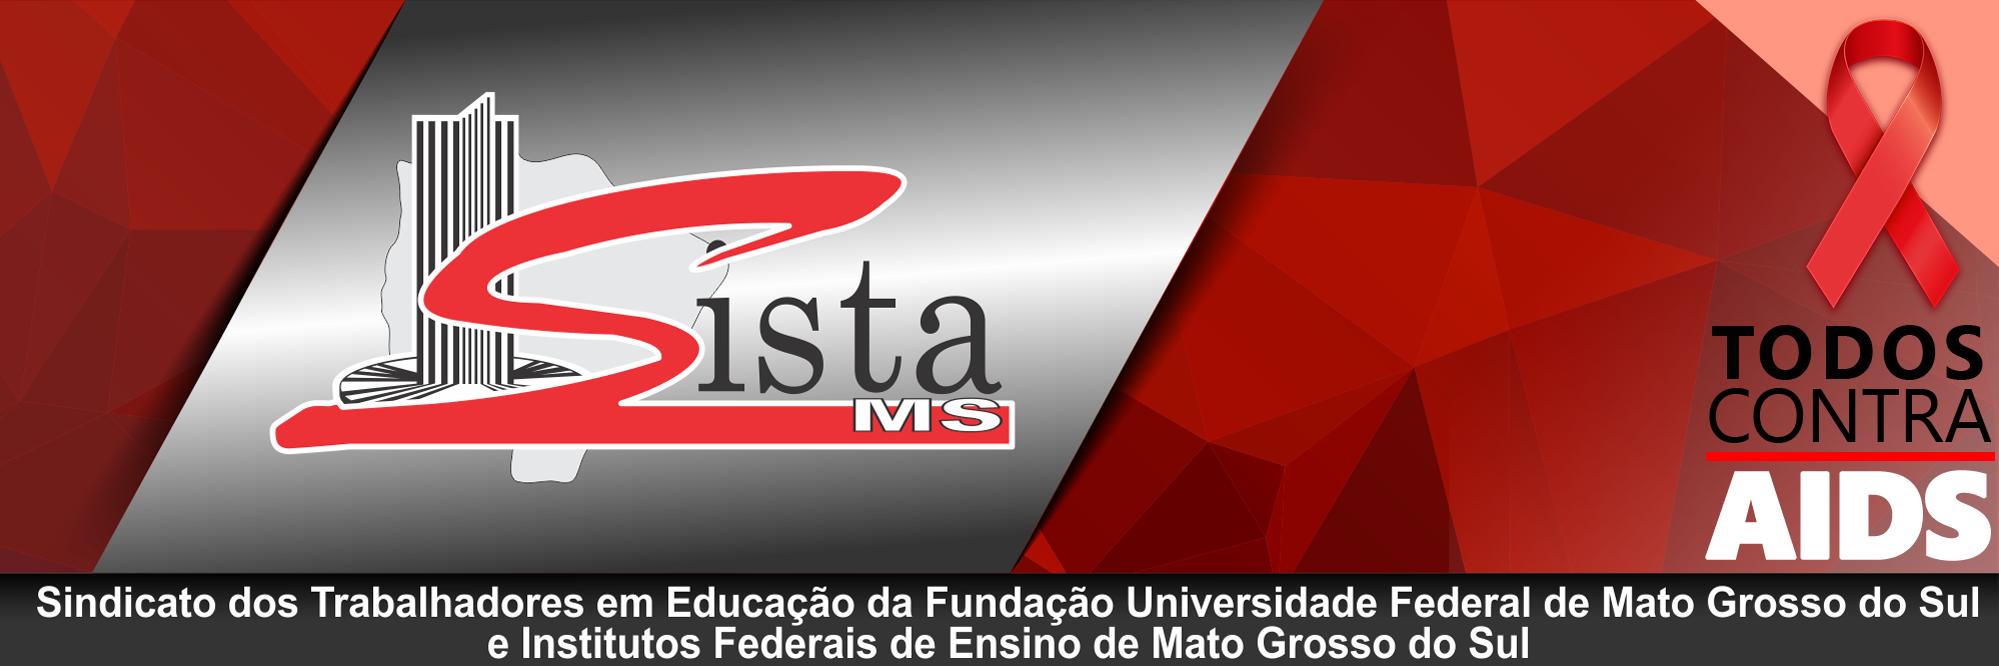 Sista-MS